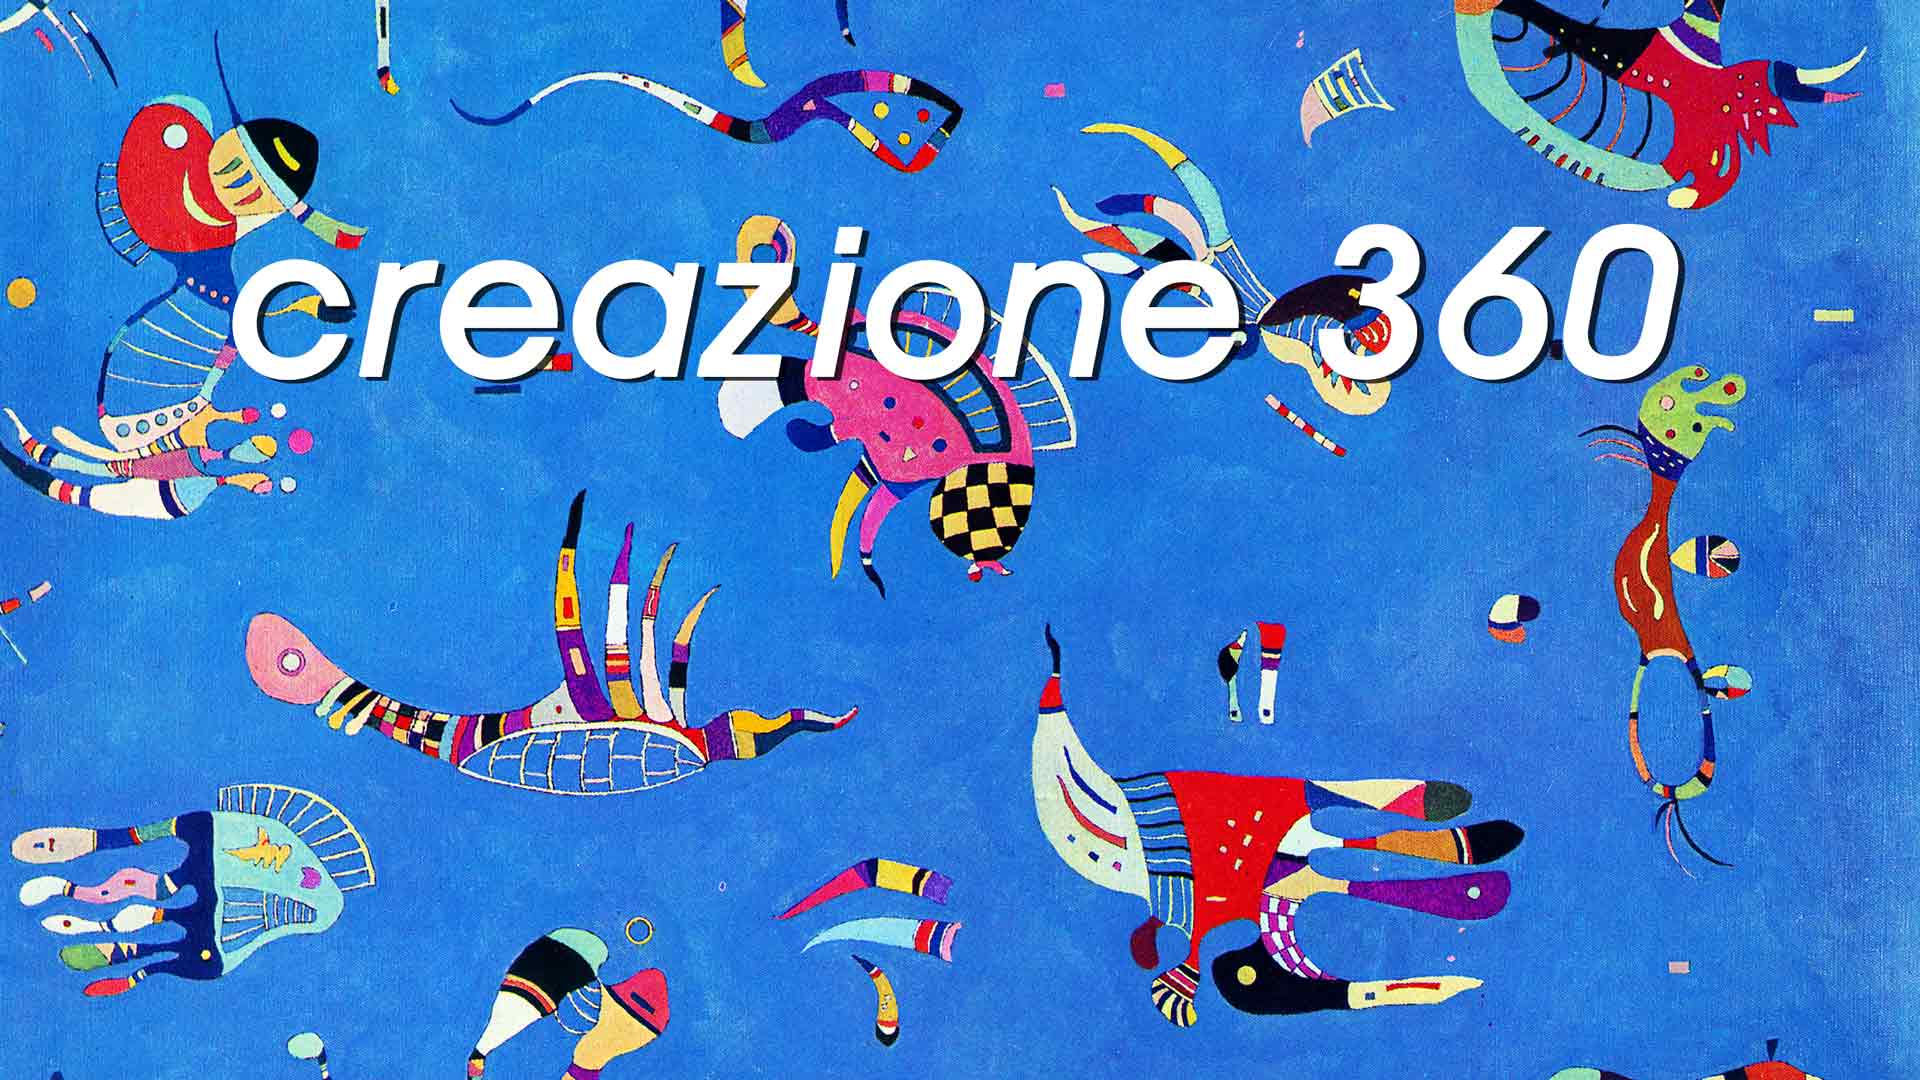 2creazione360